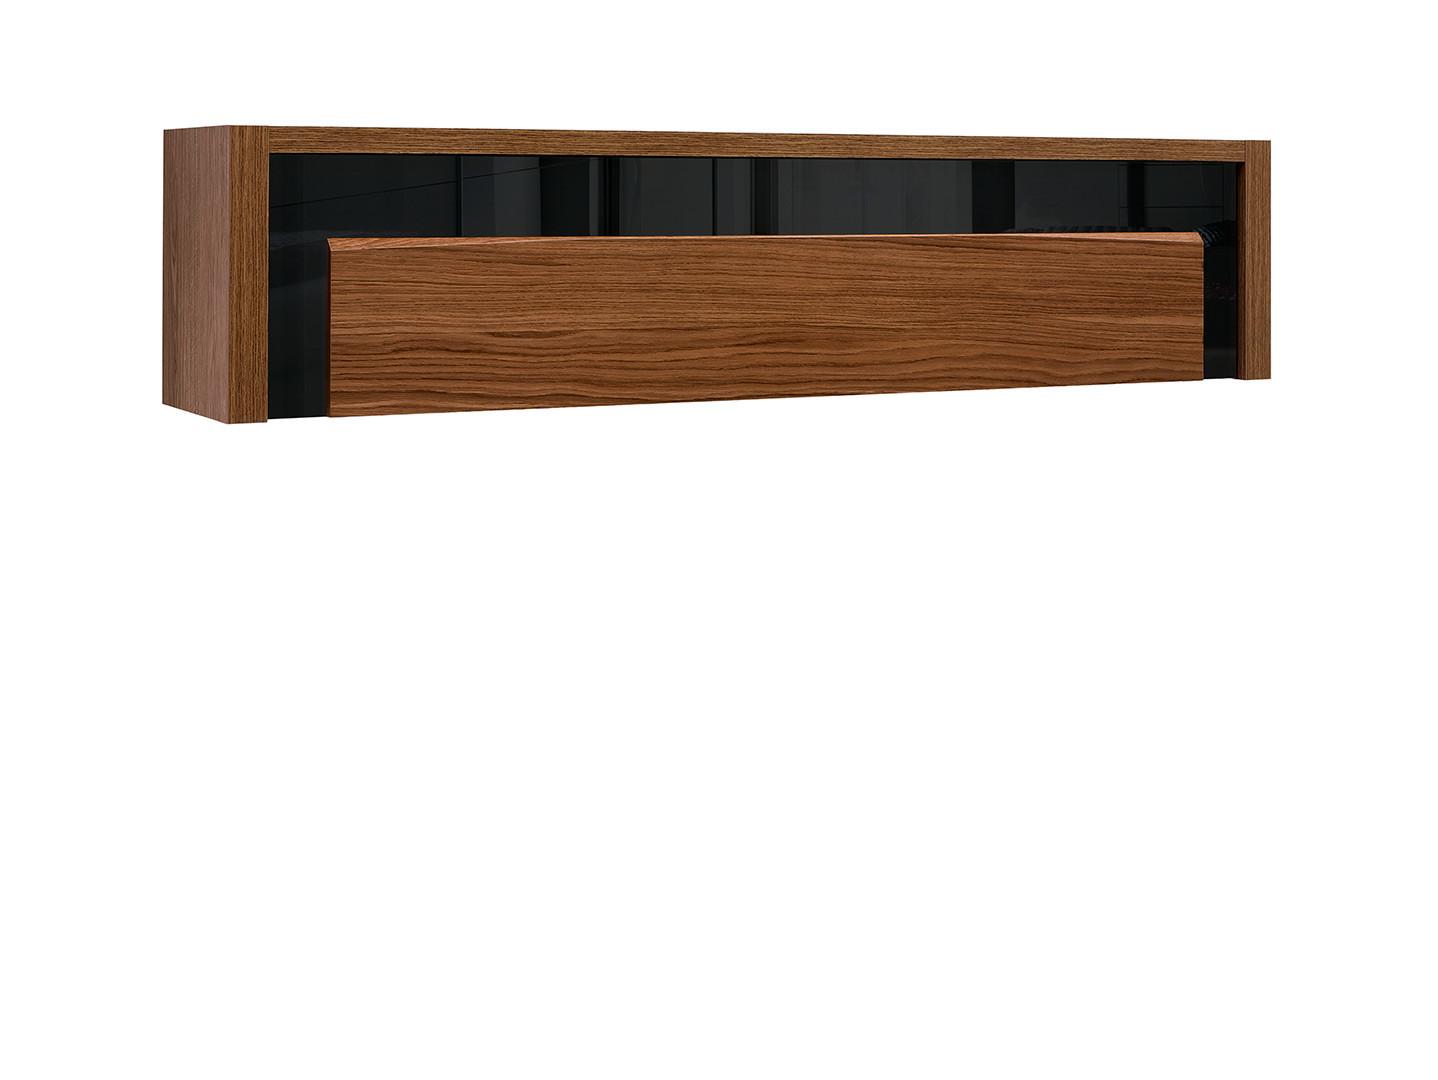 Závesná skrinka AROSA SFW1K dub hnedý / čierny lesk